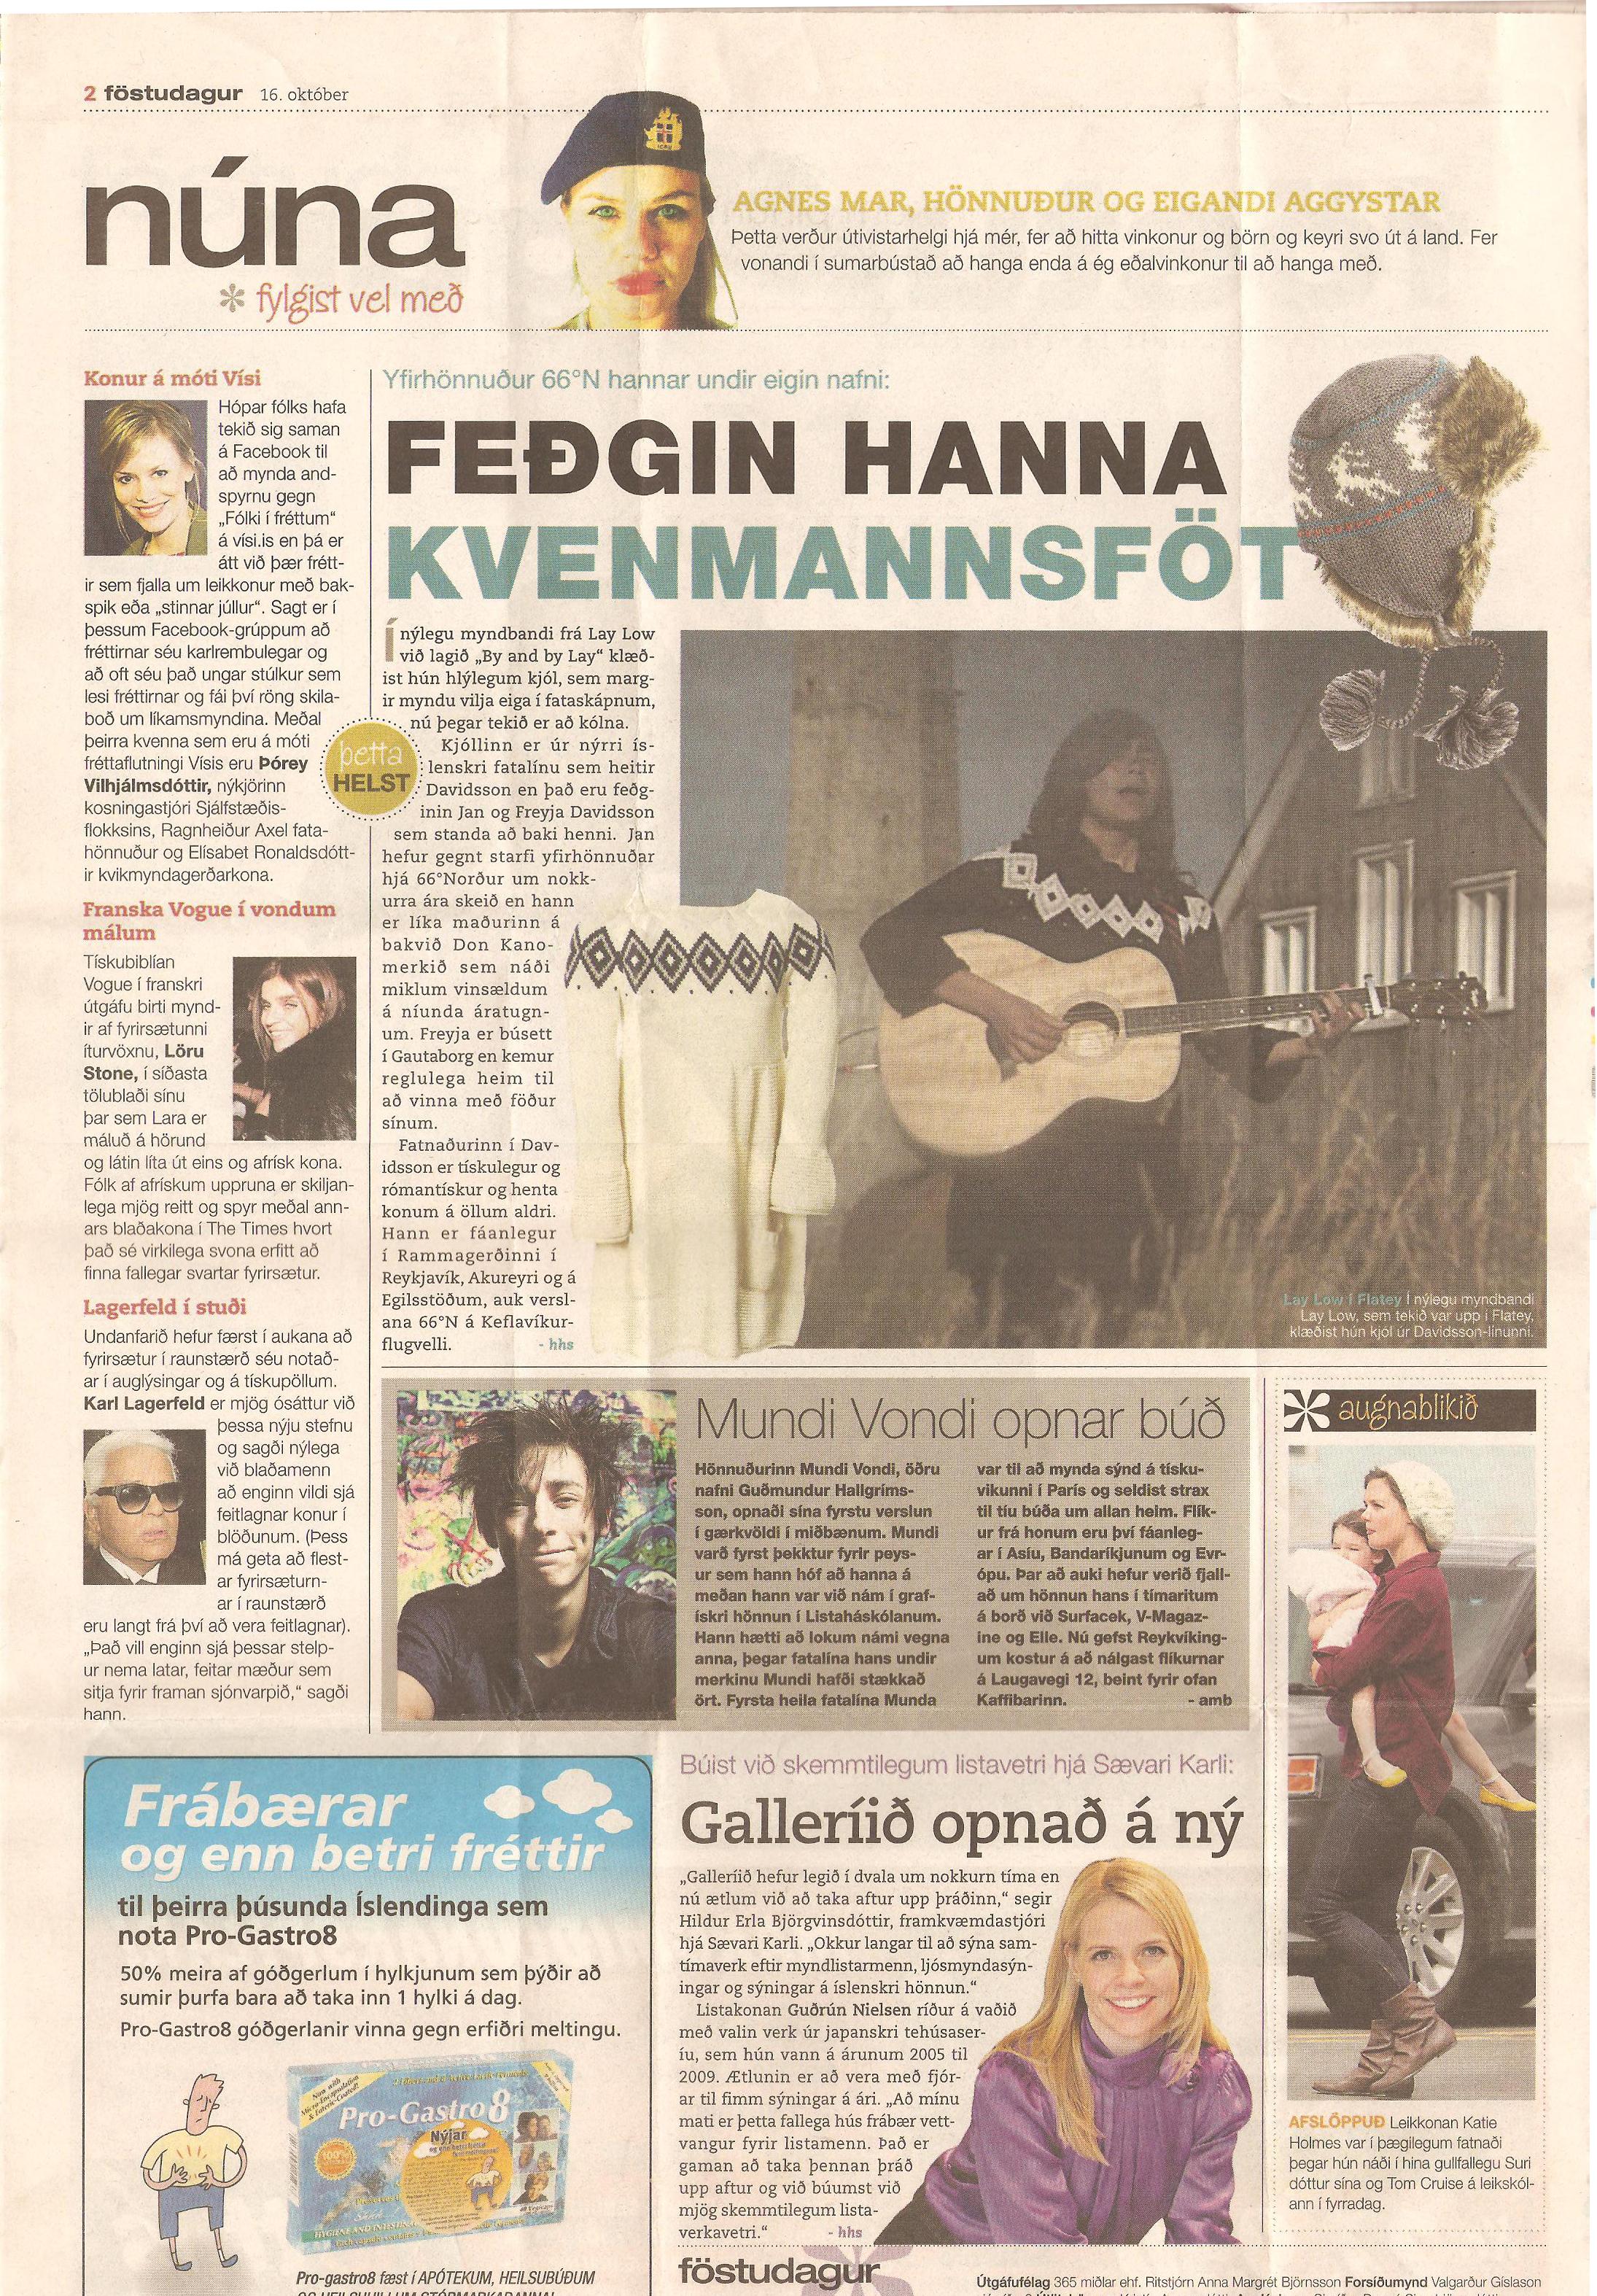 2009 Gallerí Sævars Karls.jpg